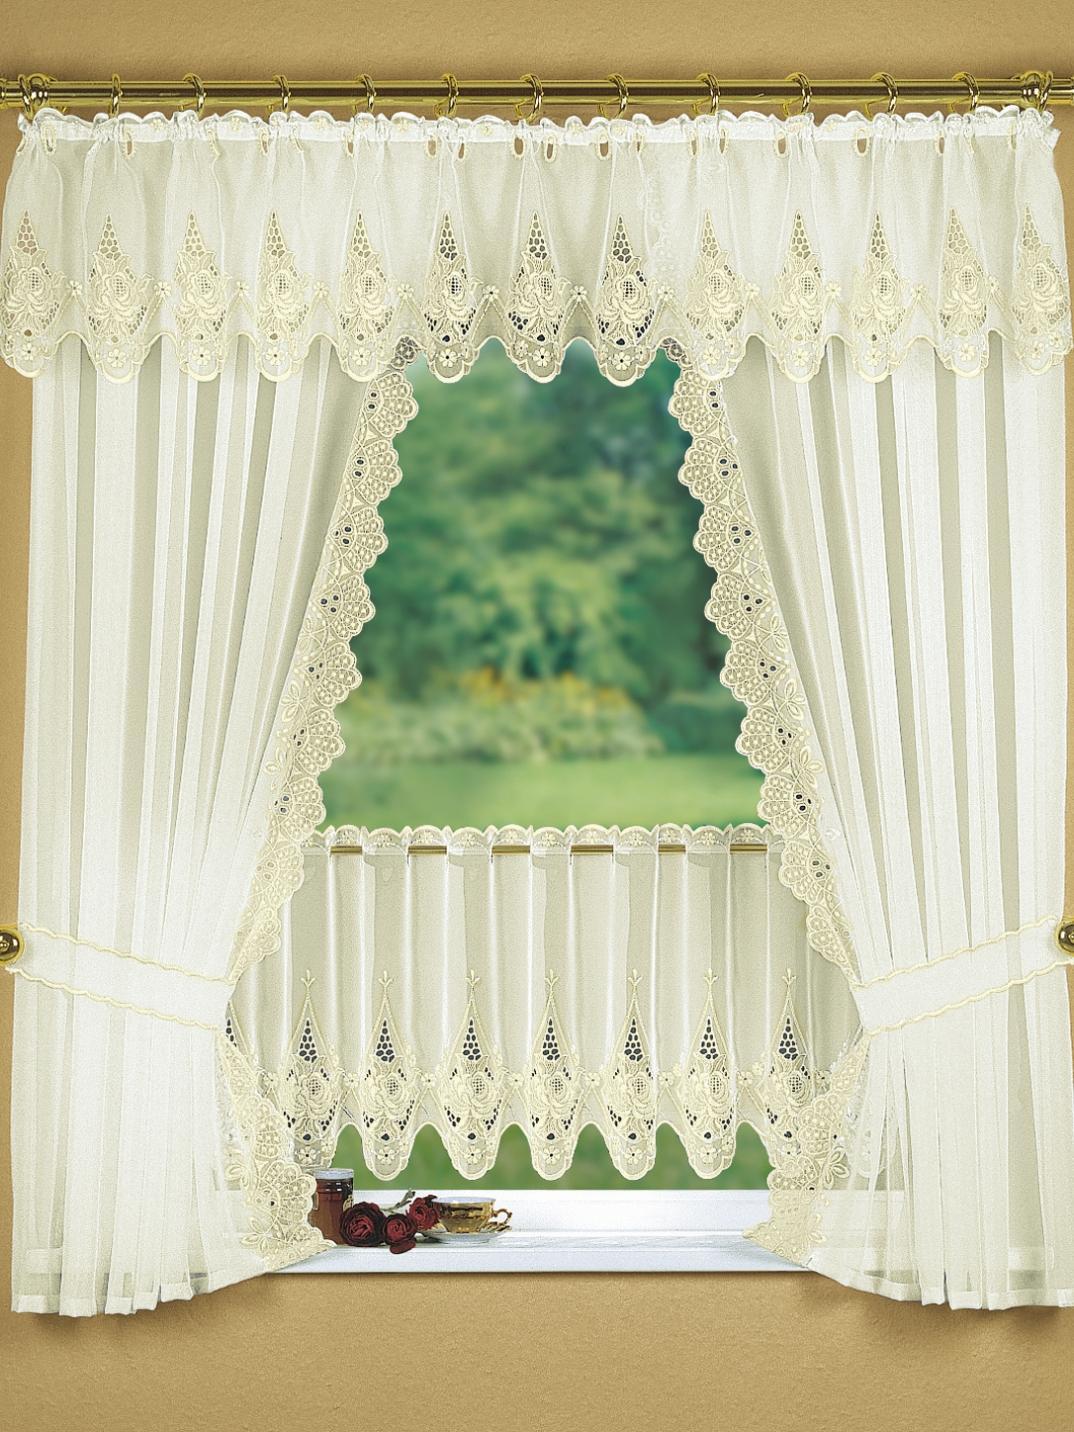 Fensterdekoration in verschiedenen Farben, Größe 694 (Querbehang, H33xB150 cm), Creme